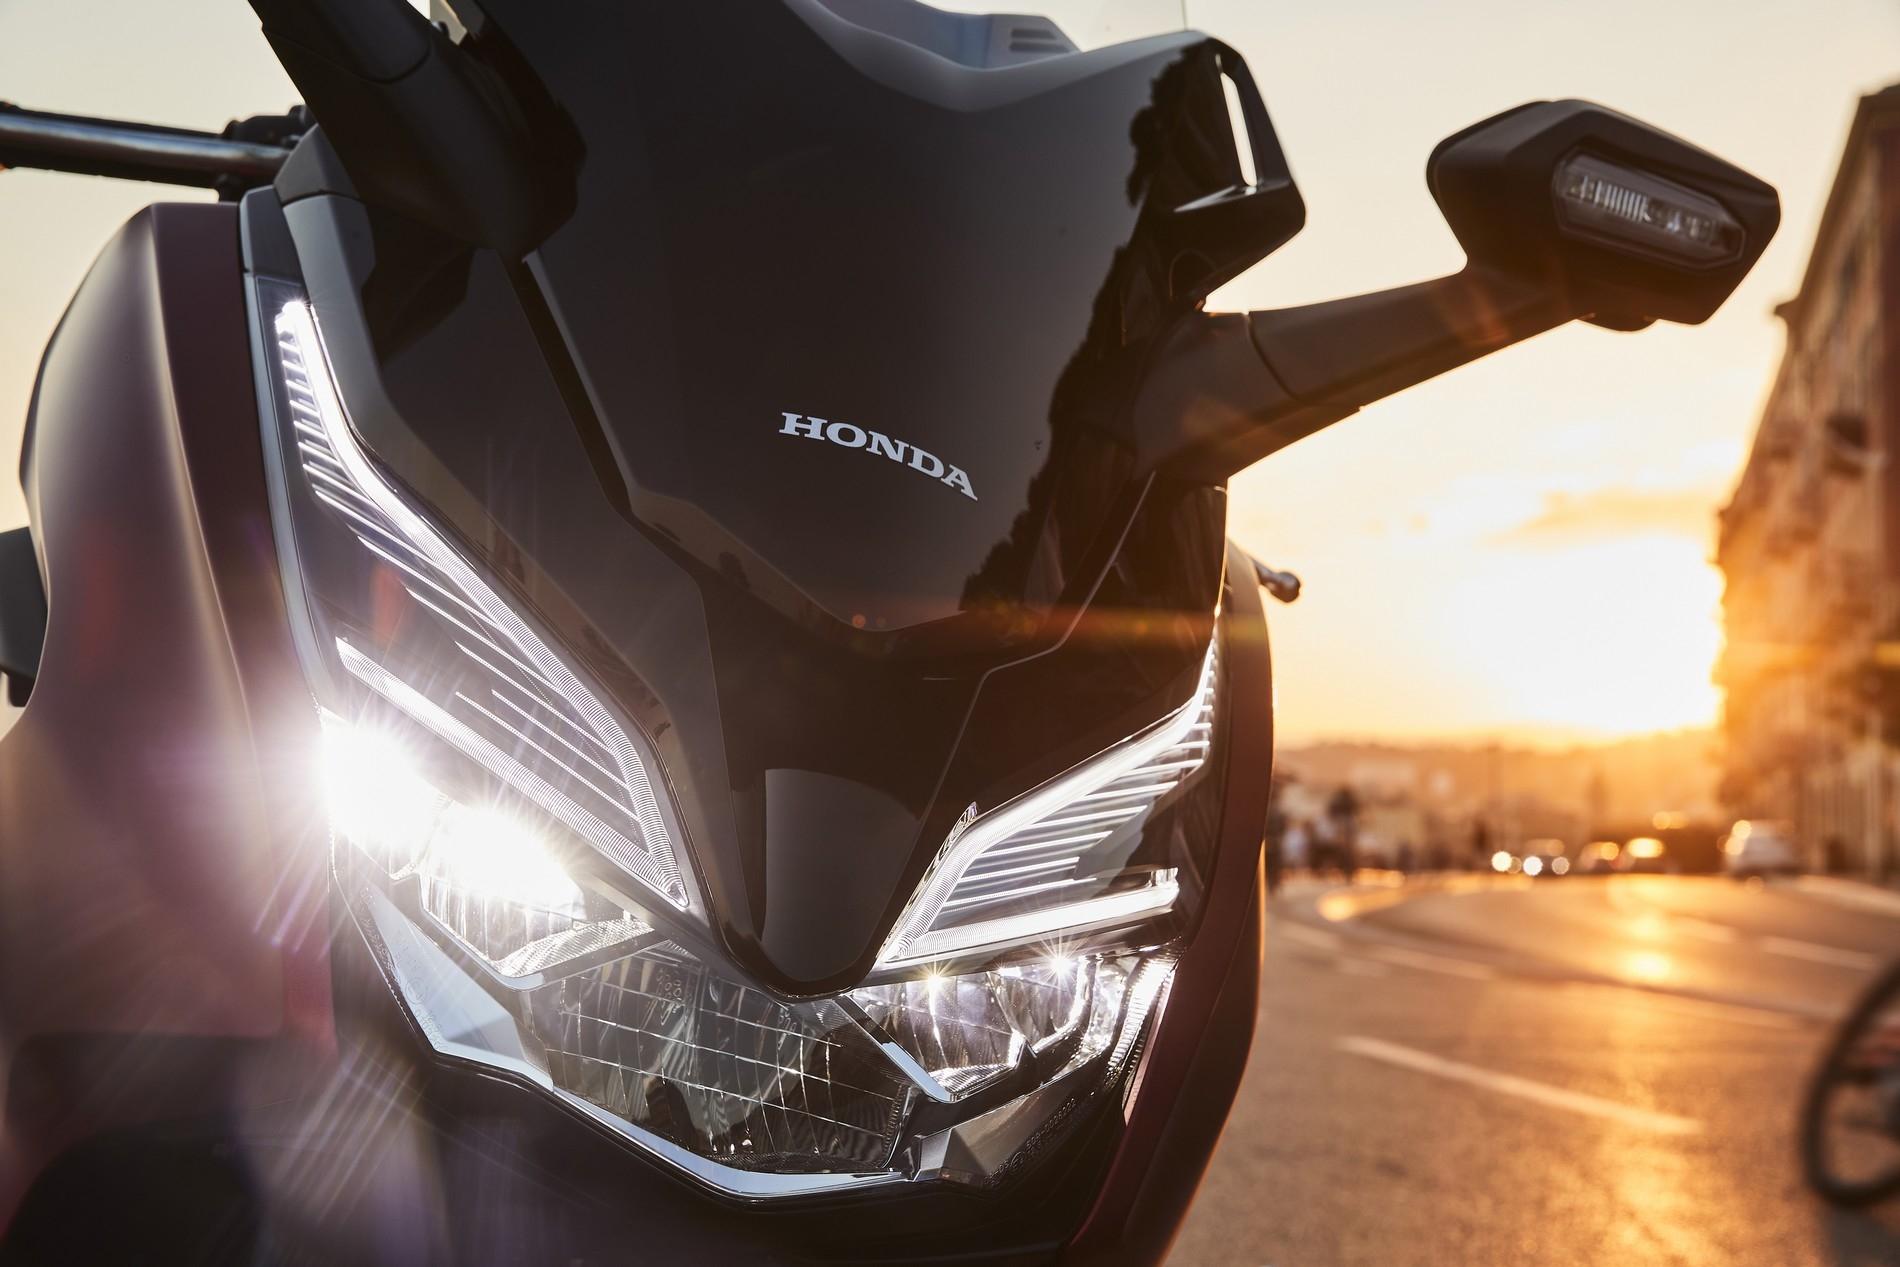 Essai Honda Forza 125 cm3 2019 : forza'stique !